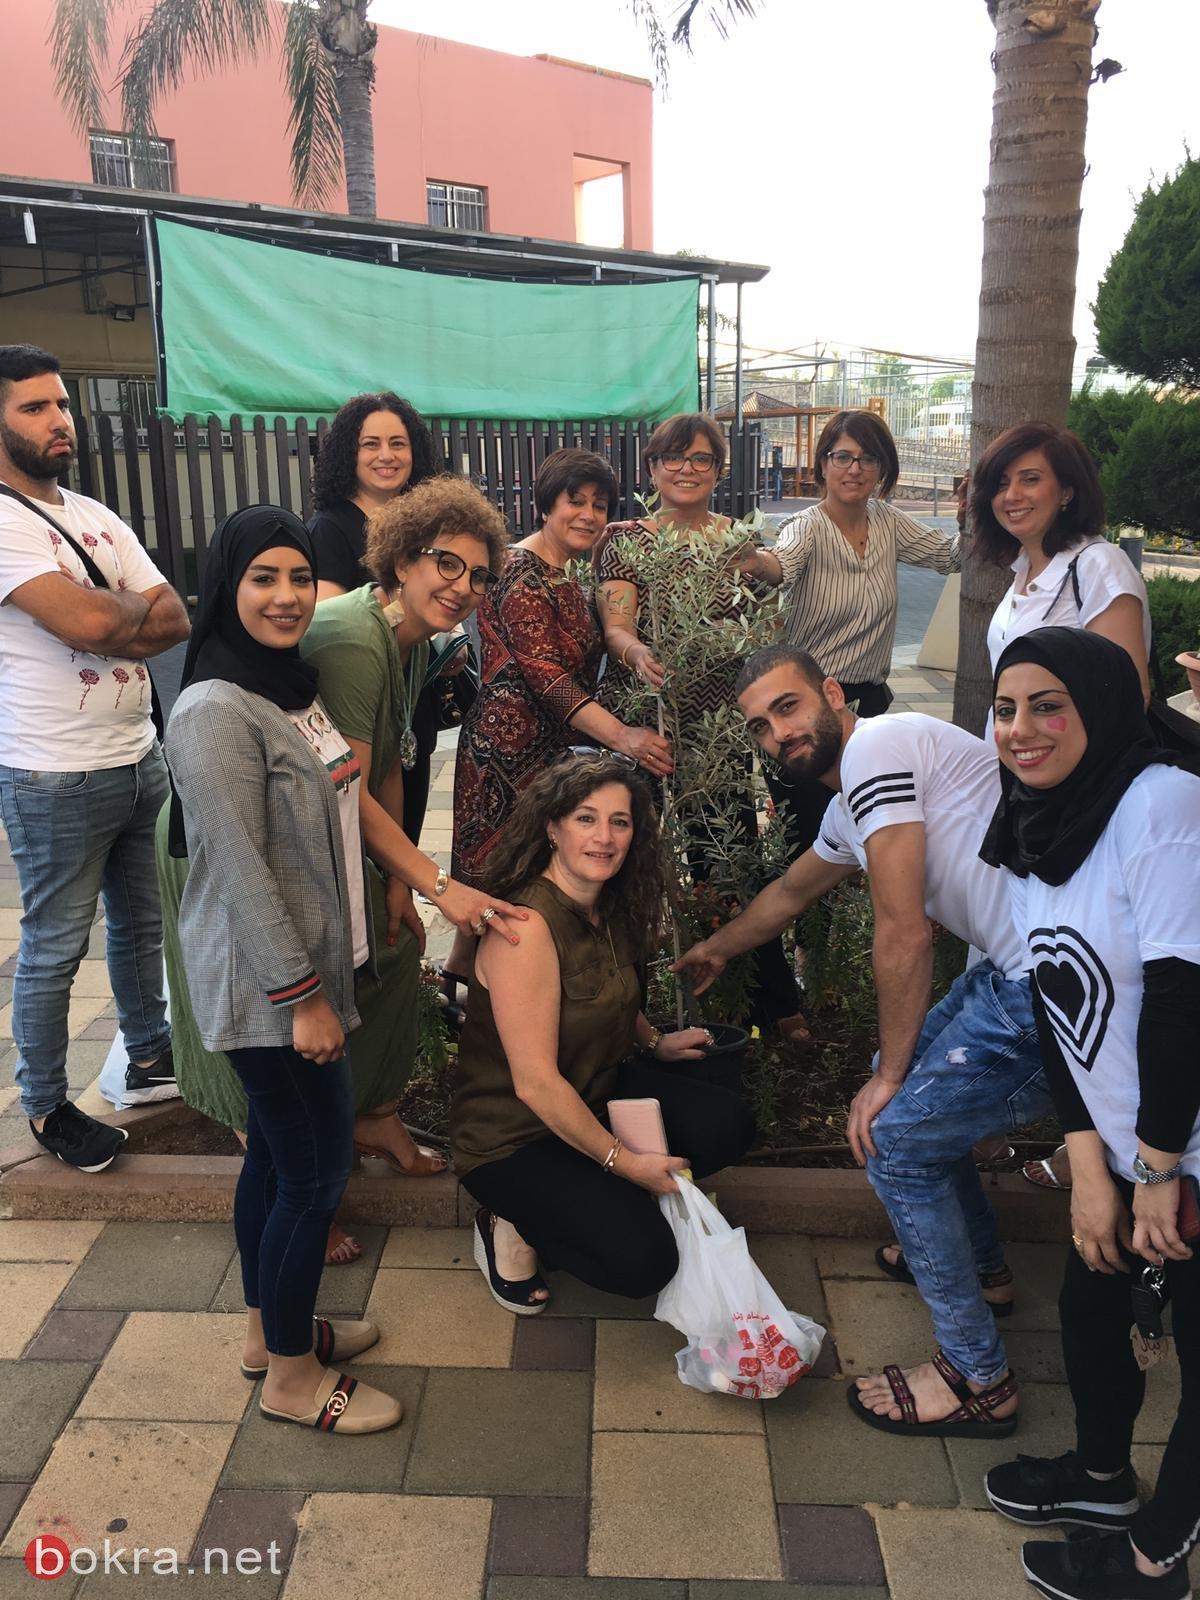 سفيرات مستشفى الناصرة- الإنجليزي في زيارة لمؤسسة كفر كنا لذوي الاحتياجات الخاصة